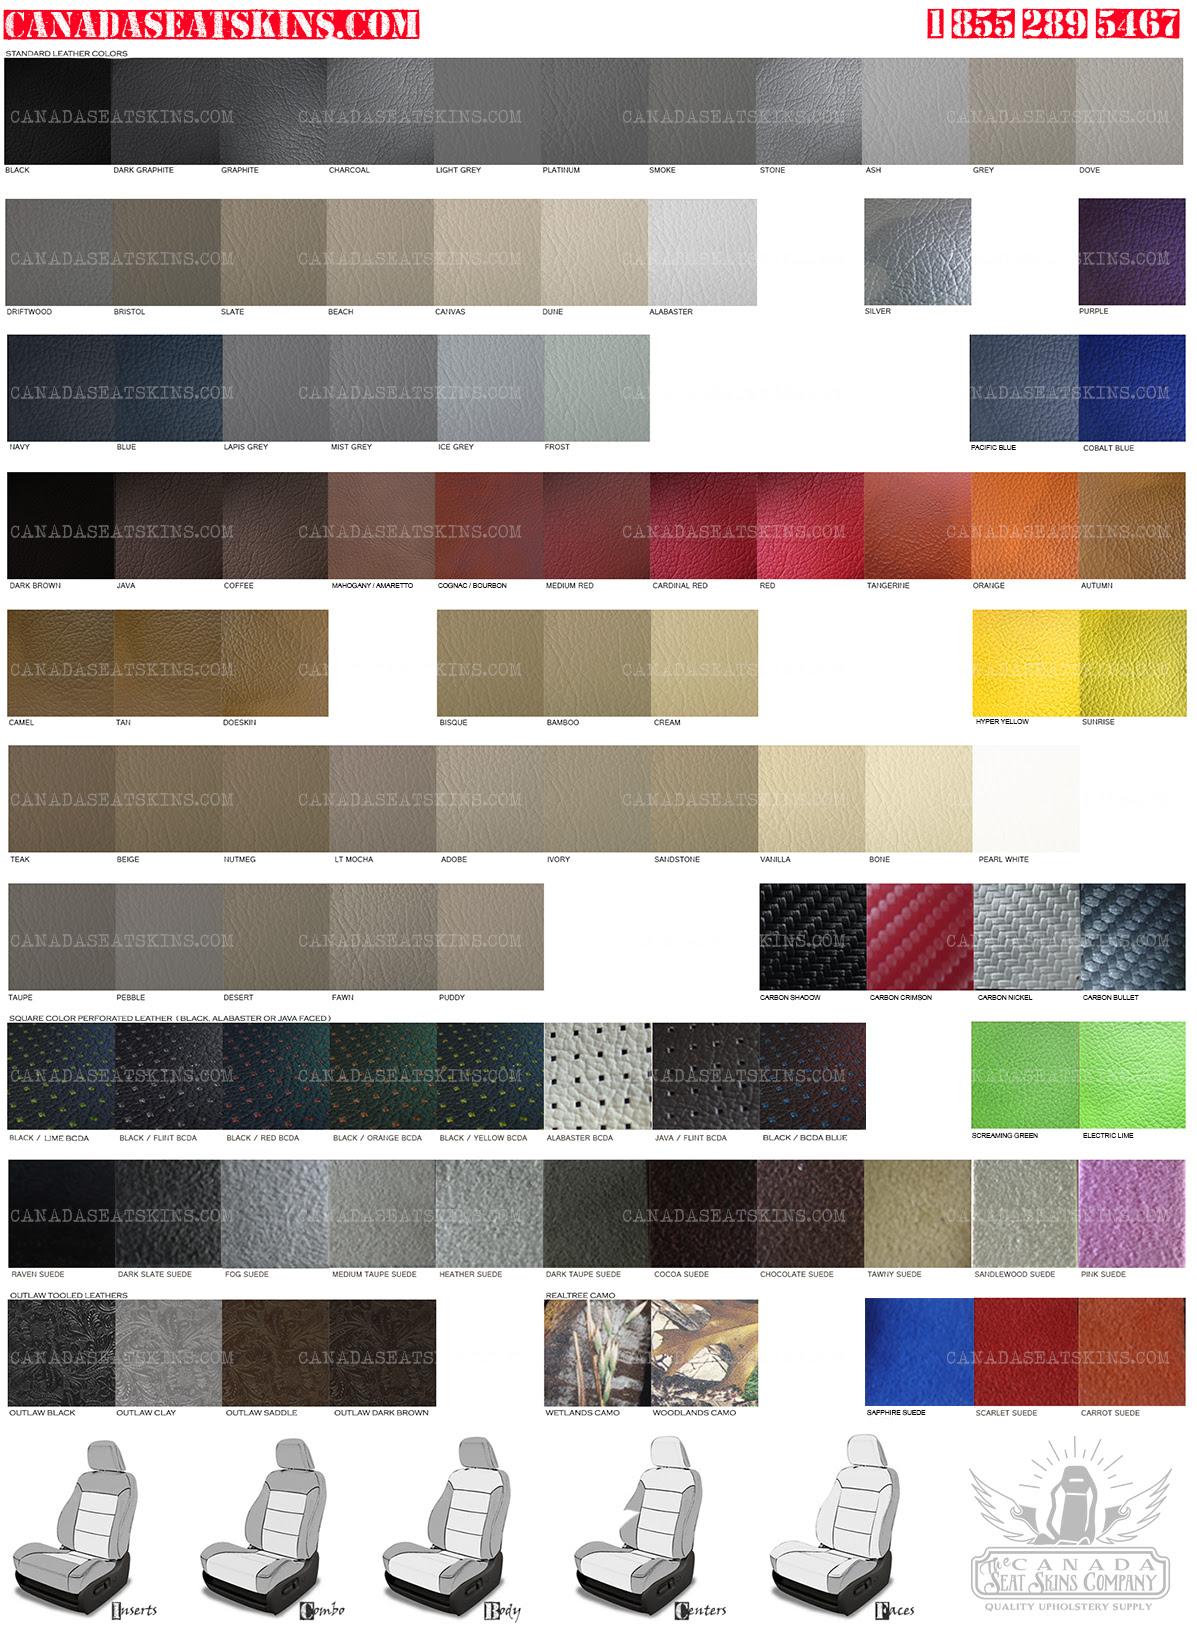 Car Interior Paint Colors home decor Eventasaur